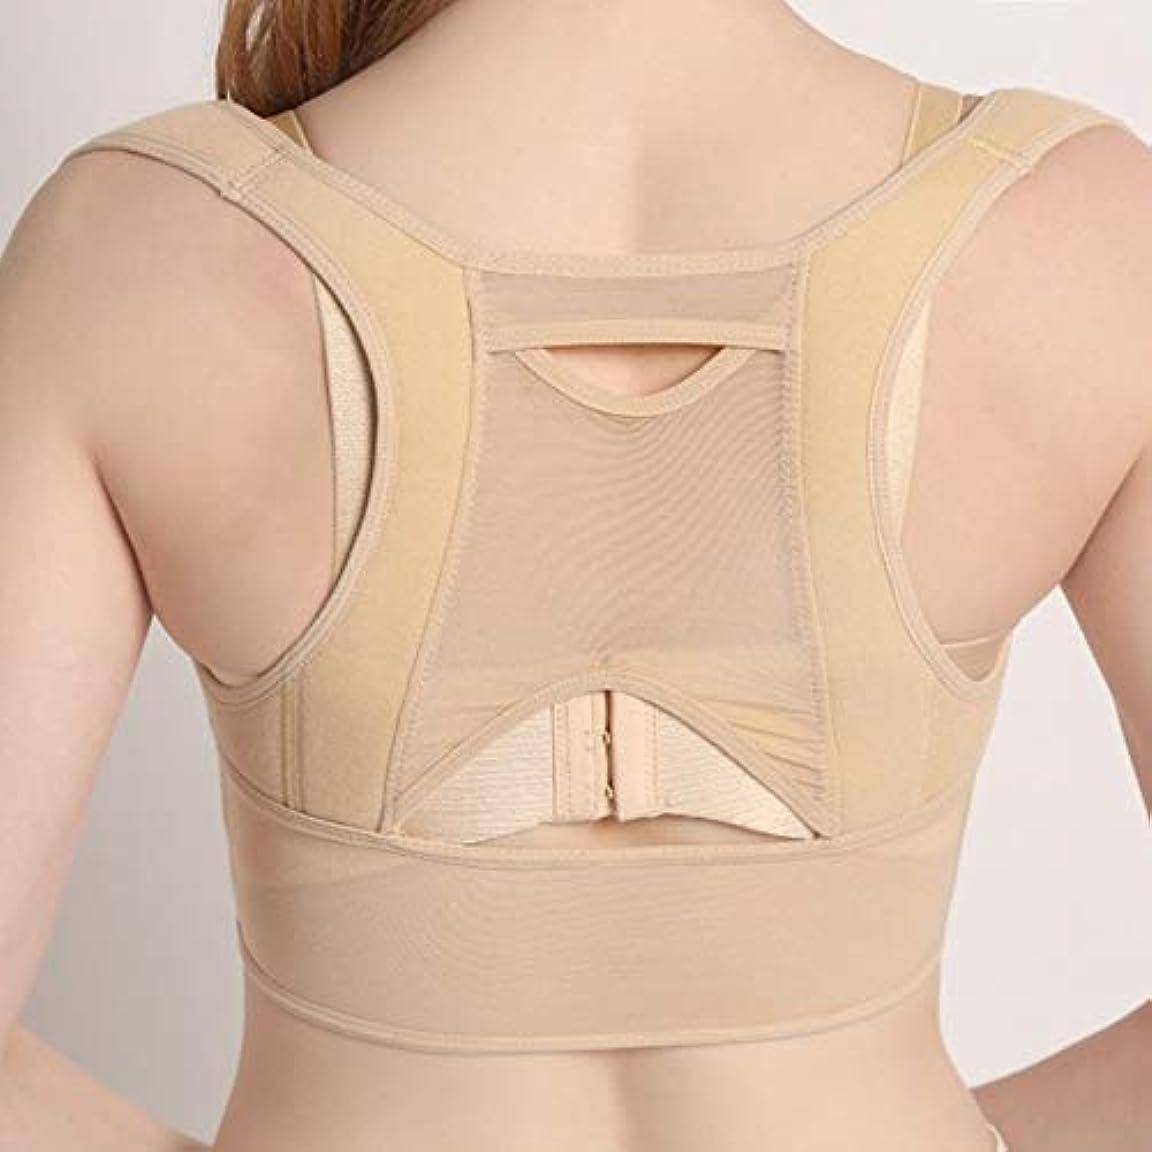 第三調和音声学通気性のある女性の背中の姿勢矯正コルセット整形外科の背中の肩の背骨の姿勢矯正腰椎サポート - ベージュホワイトL